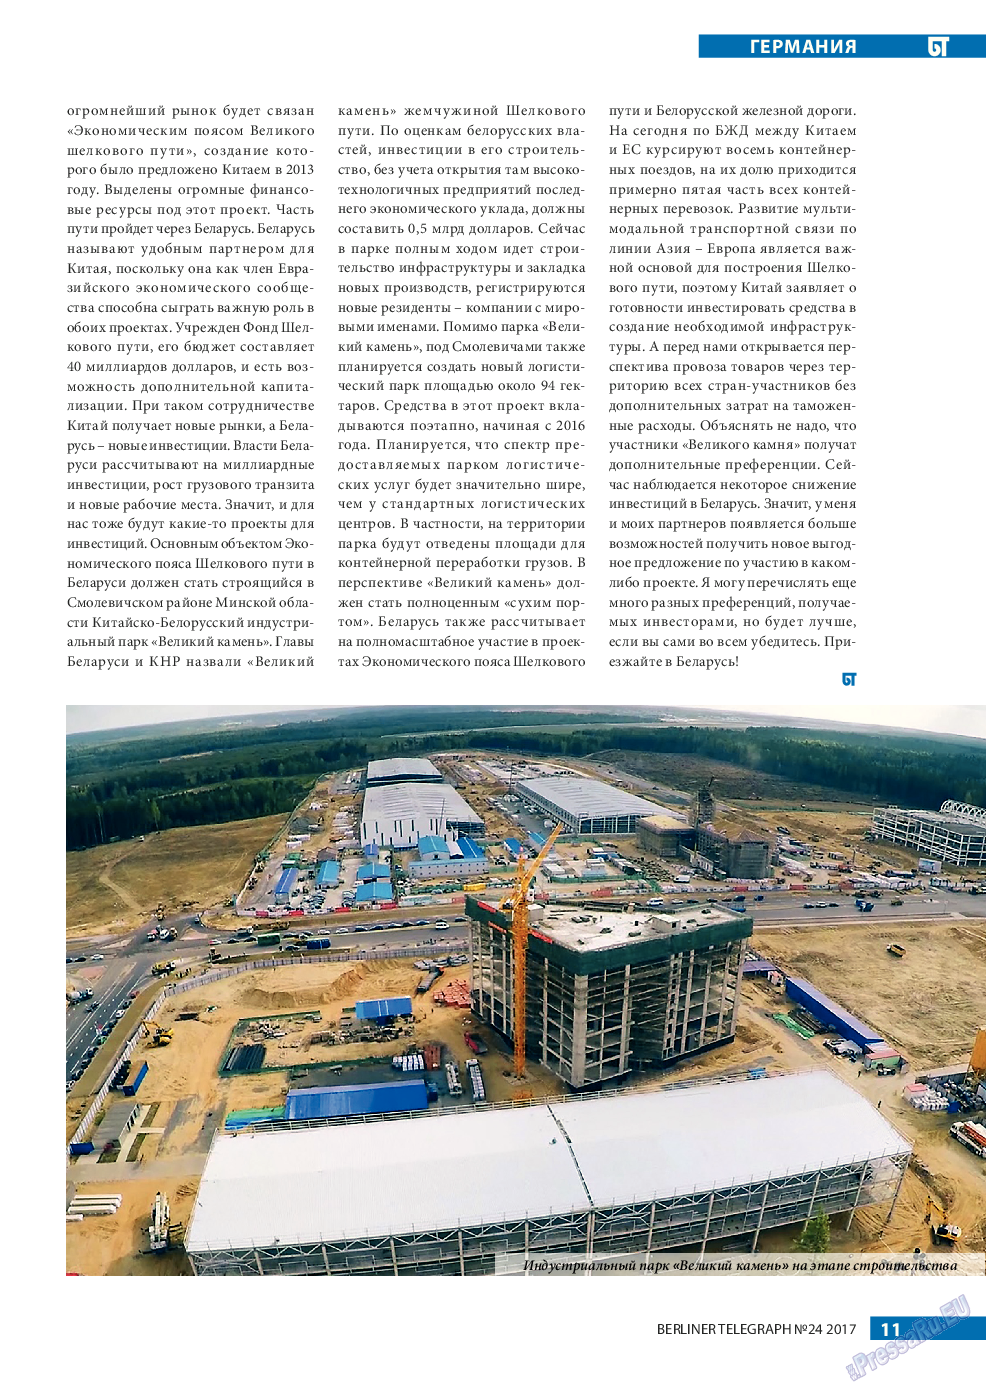 Берлинский телеграф (журнал). 2017 год, номер 24, стр. 11